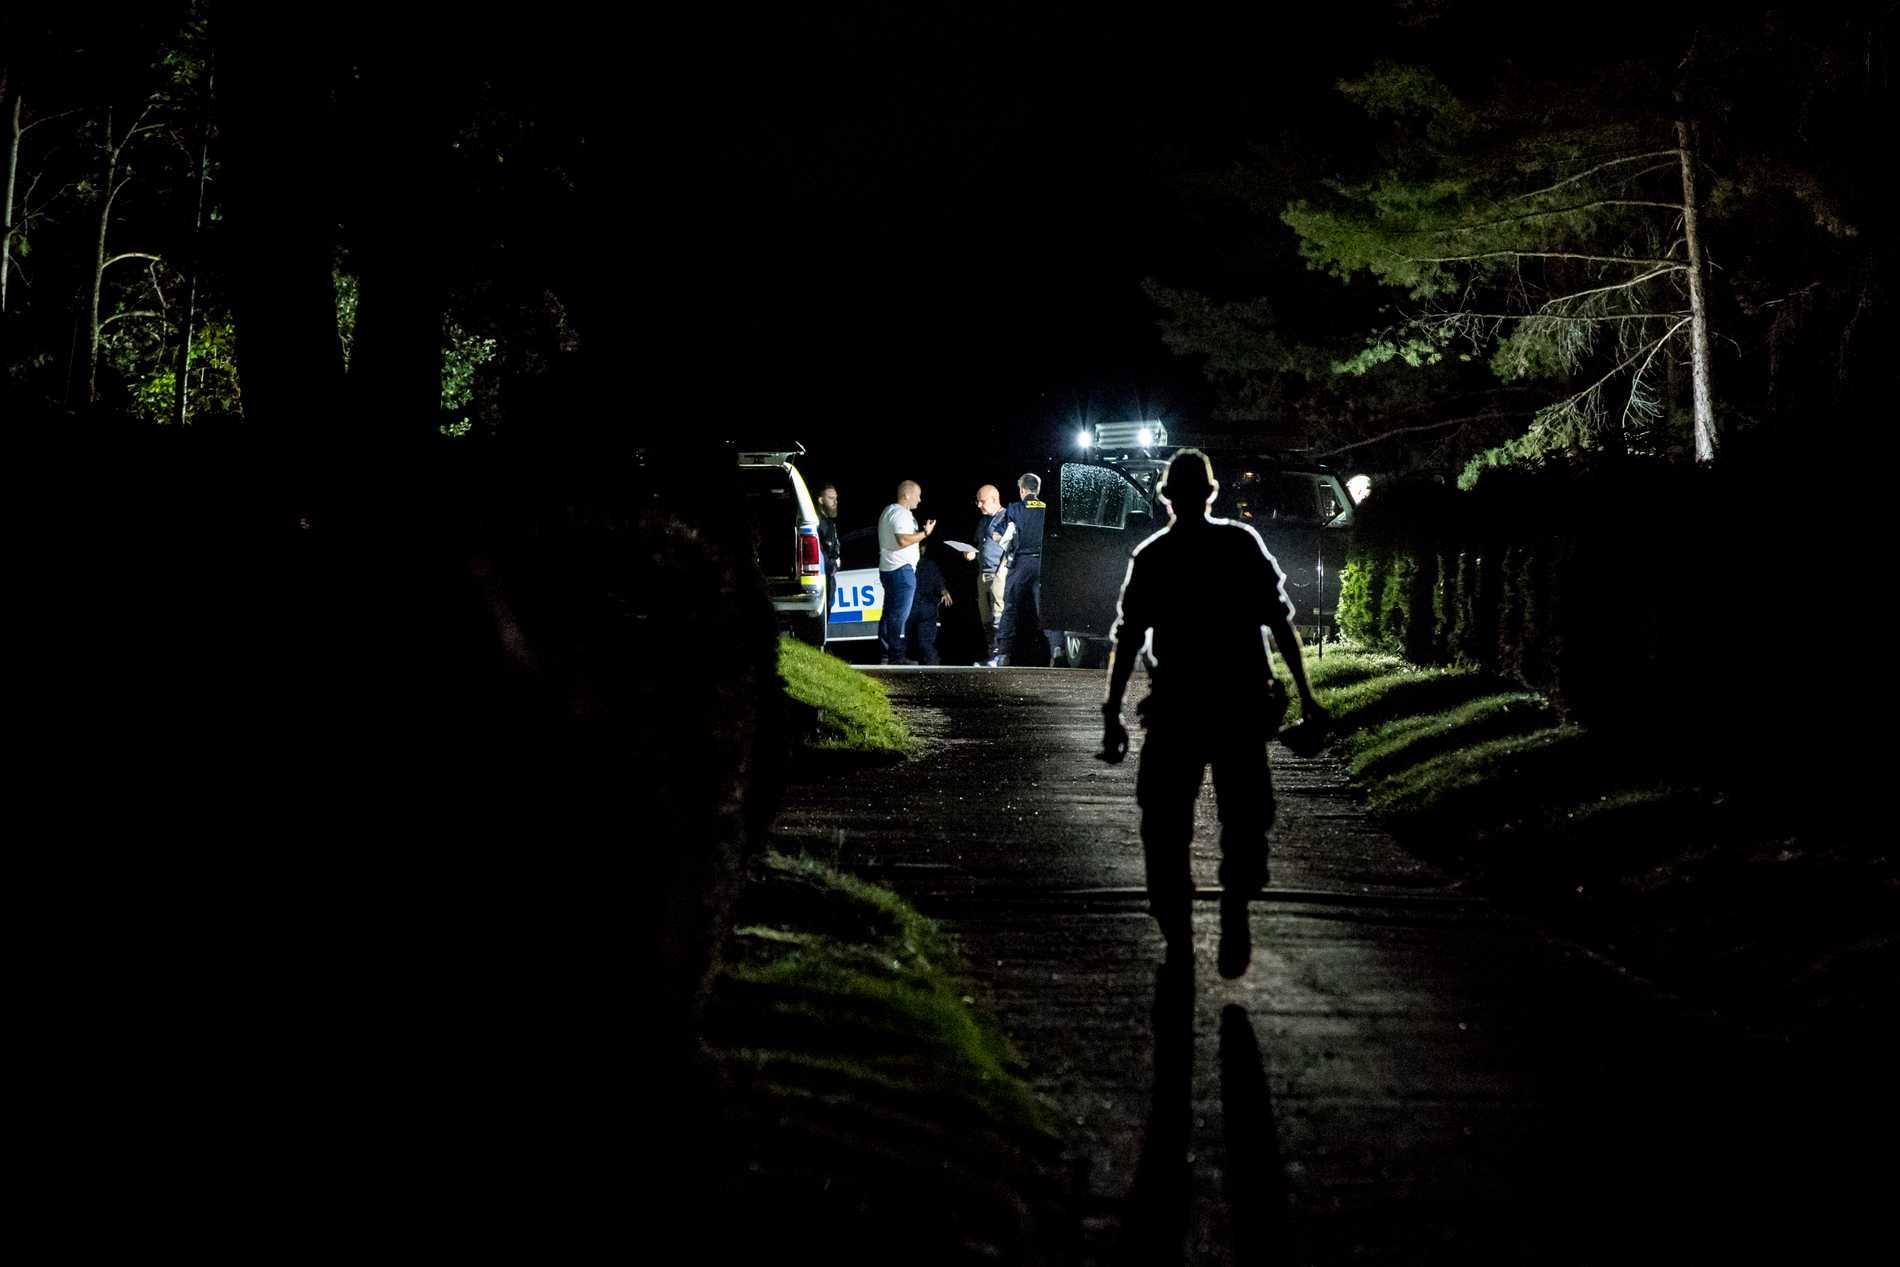 Två män har dömts för bland annat grov våldtäkt, grov misshandel och rån på en kyrkogård i Solna i somras.